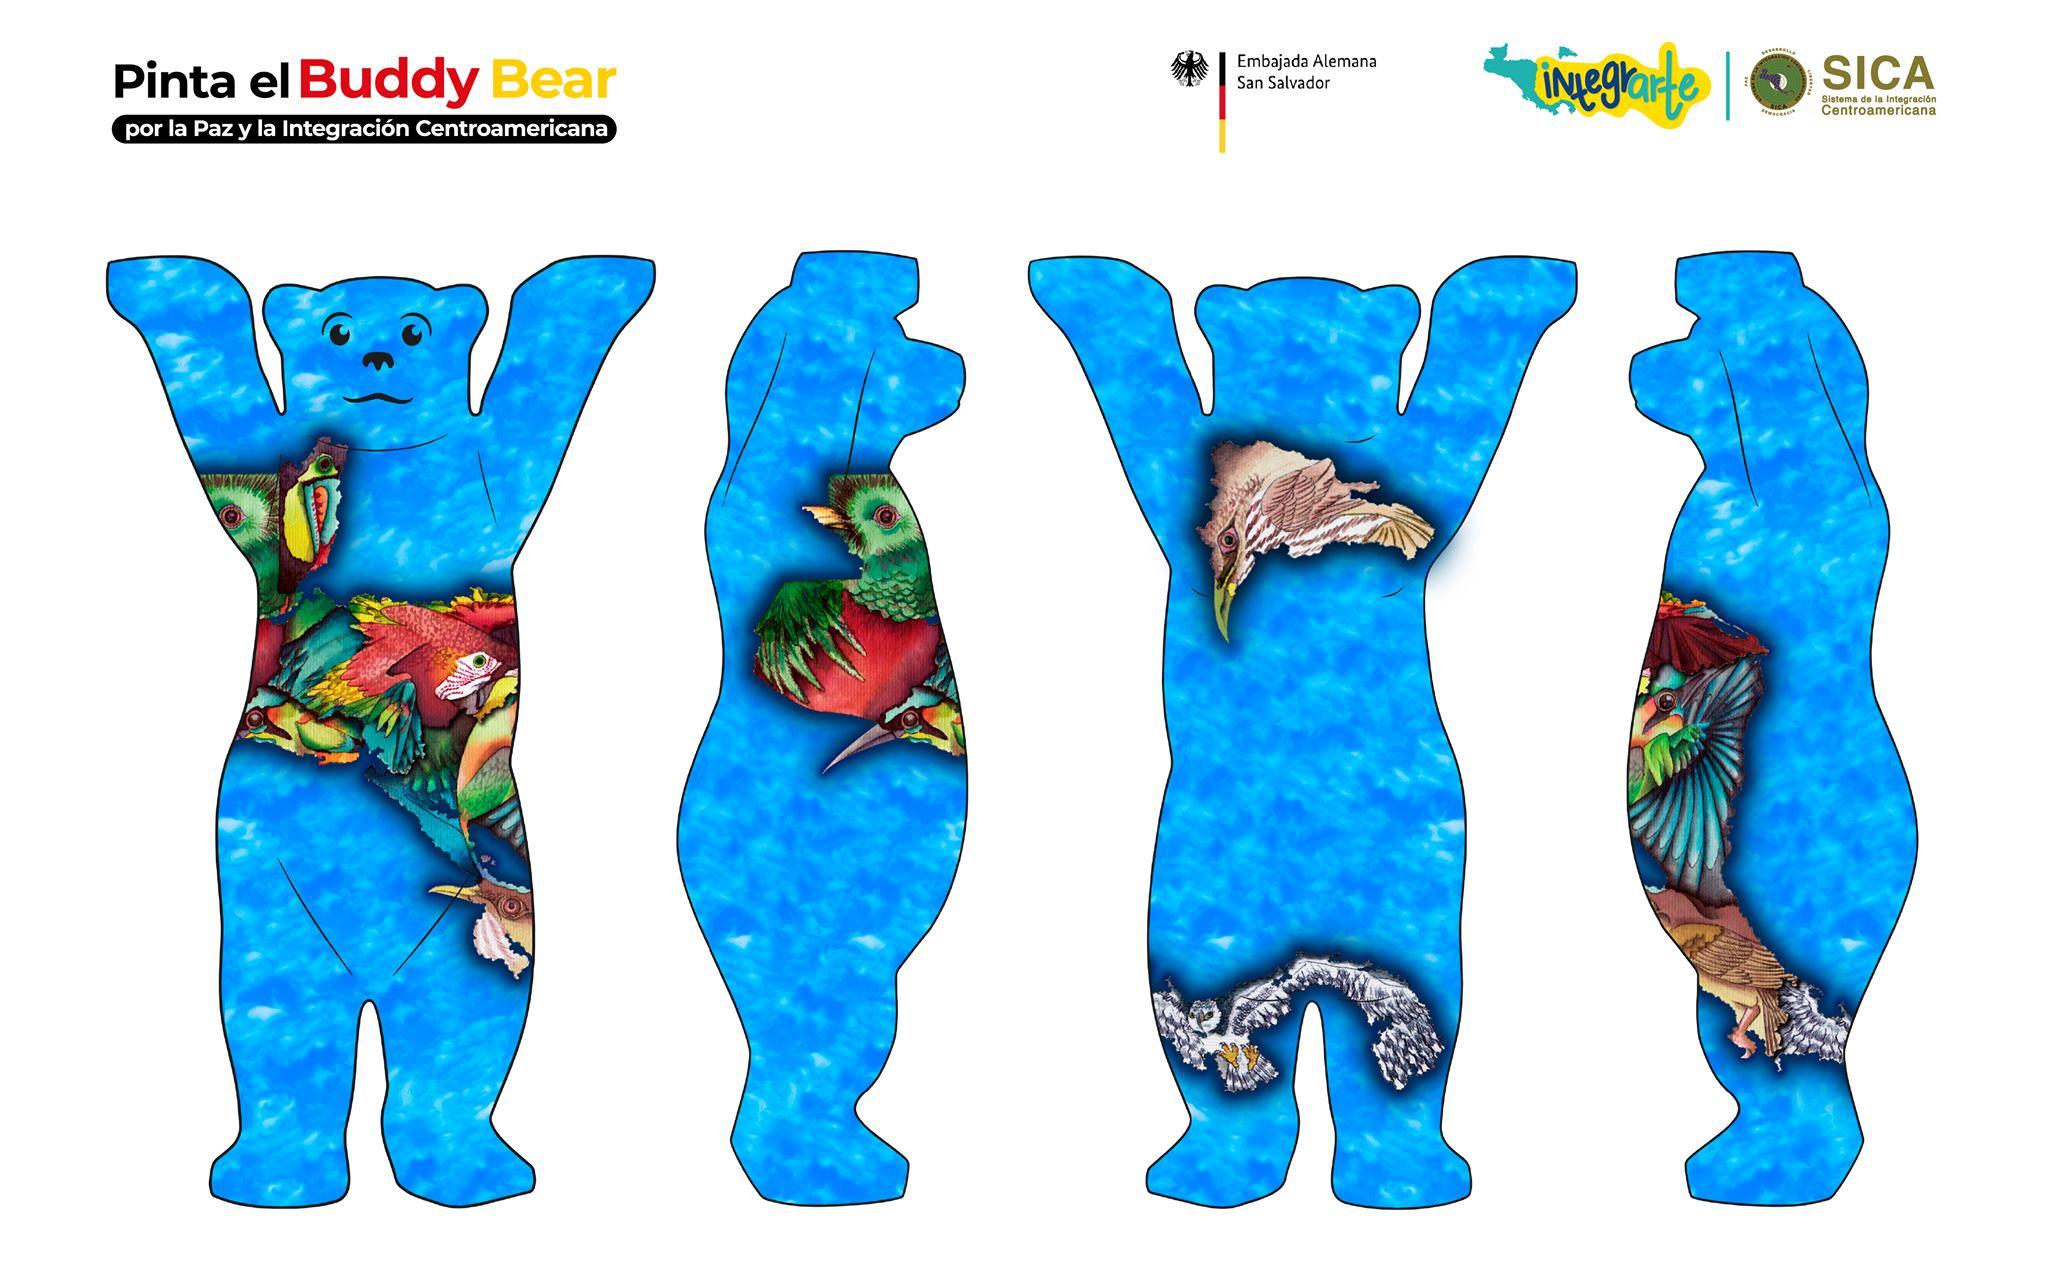 Vota por Guatemala en la competencia por el mejor Buddy Bear de Centroamérica 2019